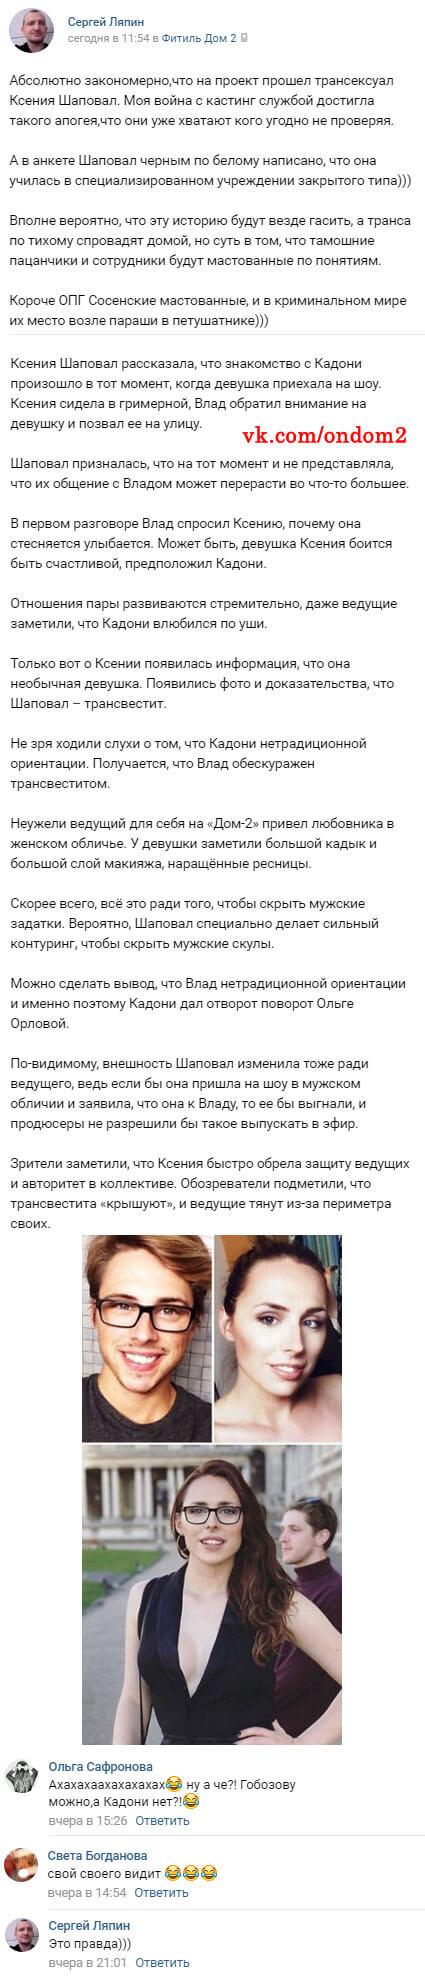 Слухи про Ксению Шаповал вконтакте